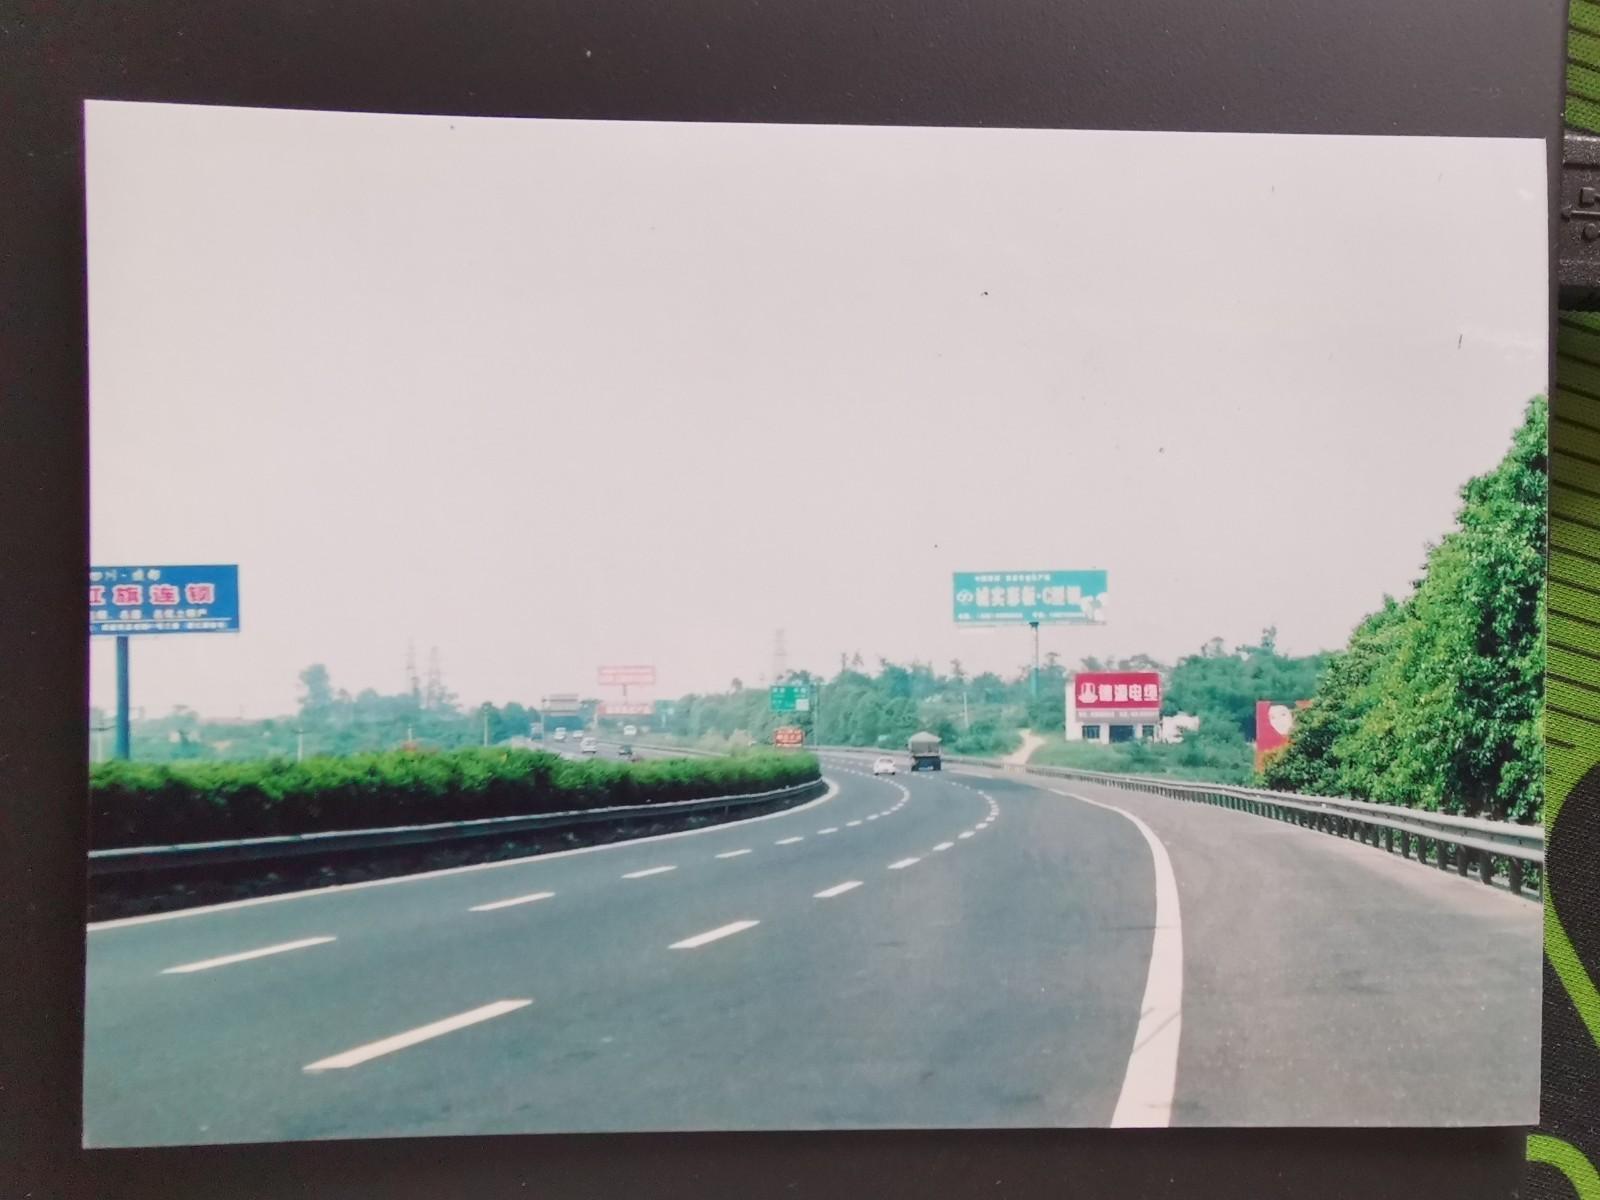 成绵高速路高立柱广告牌